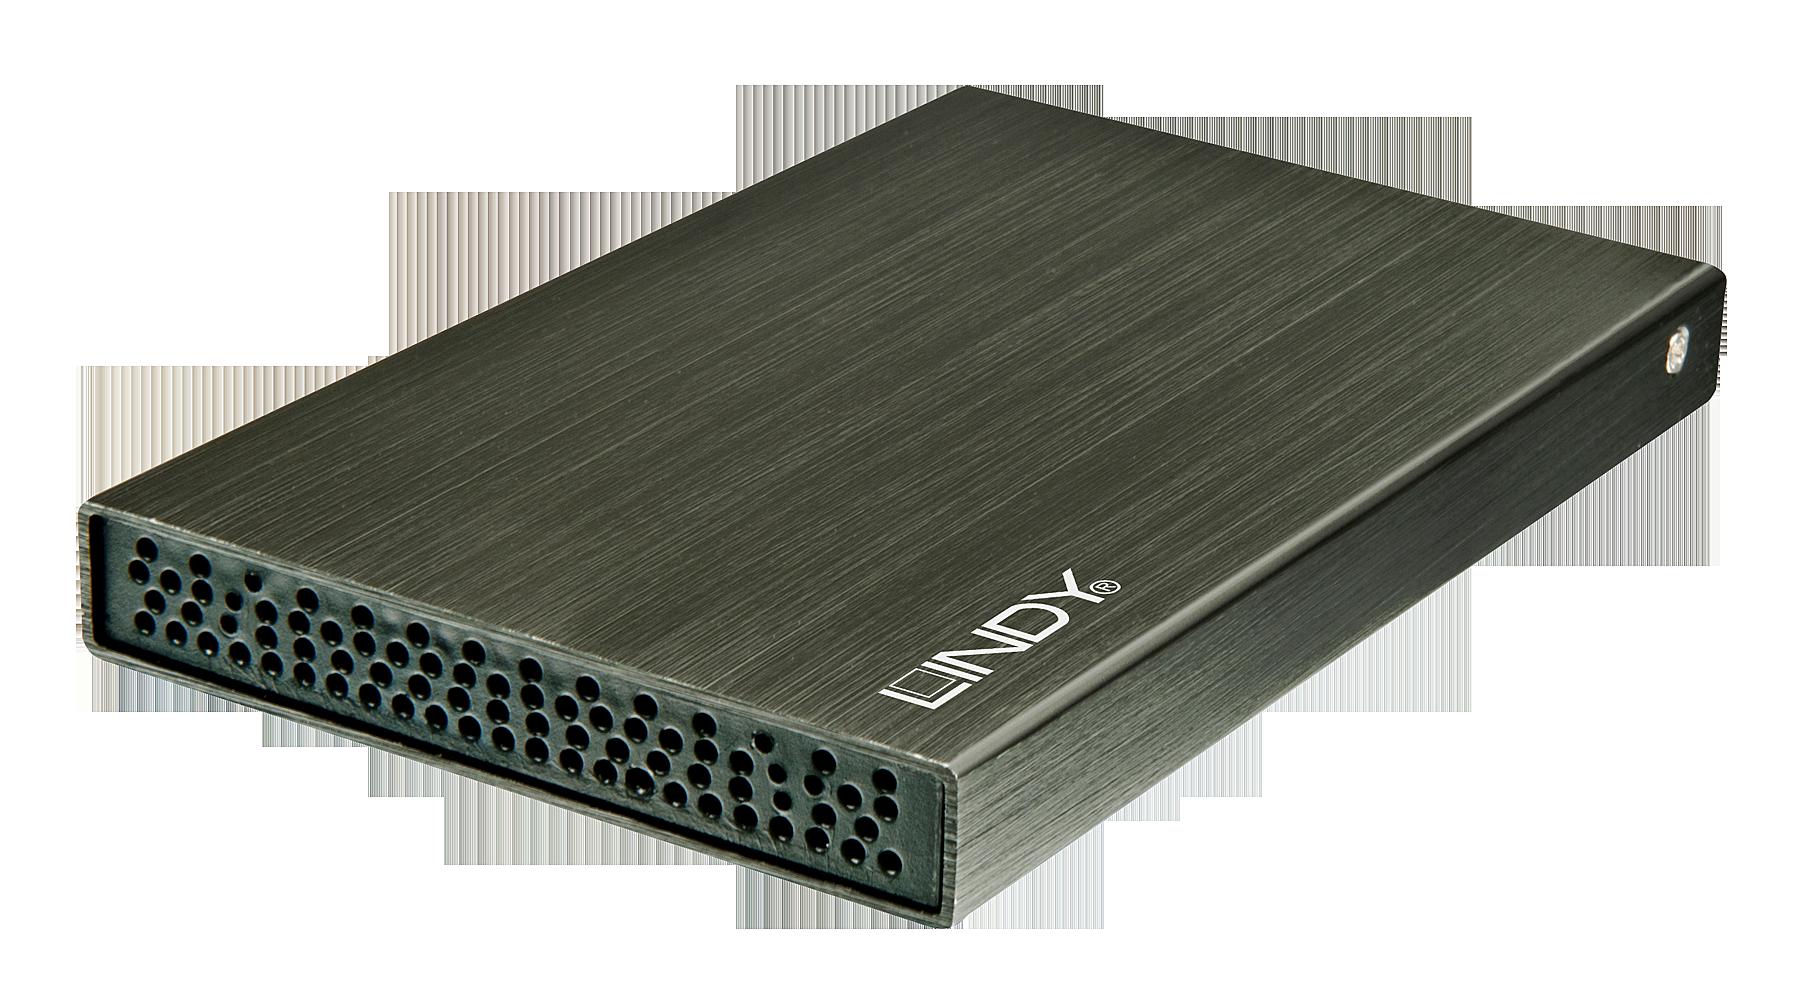 USB 2.0 SATA Geh�use 2,5 Classic